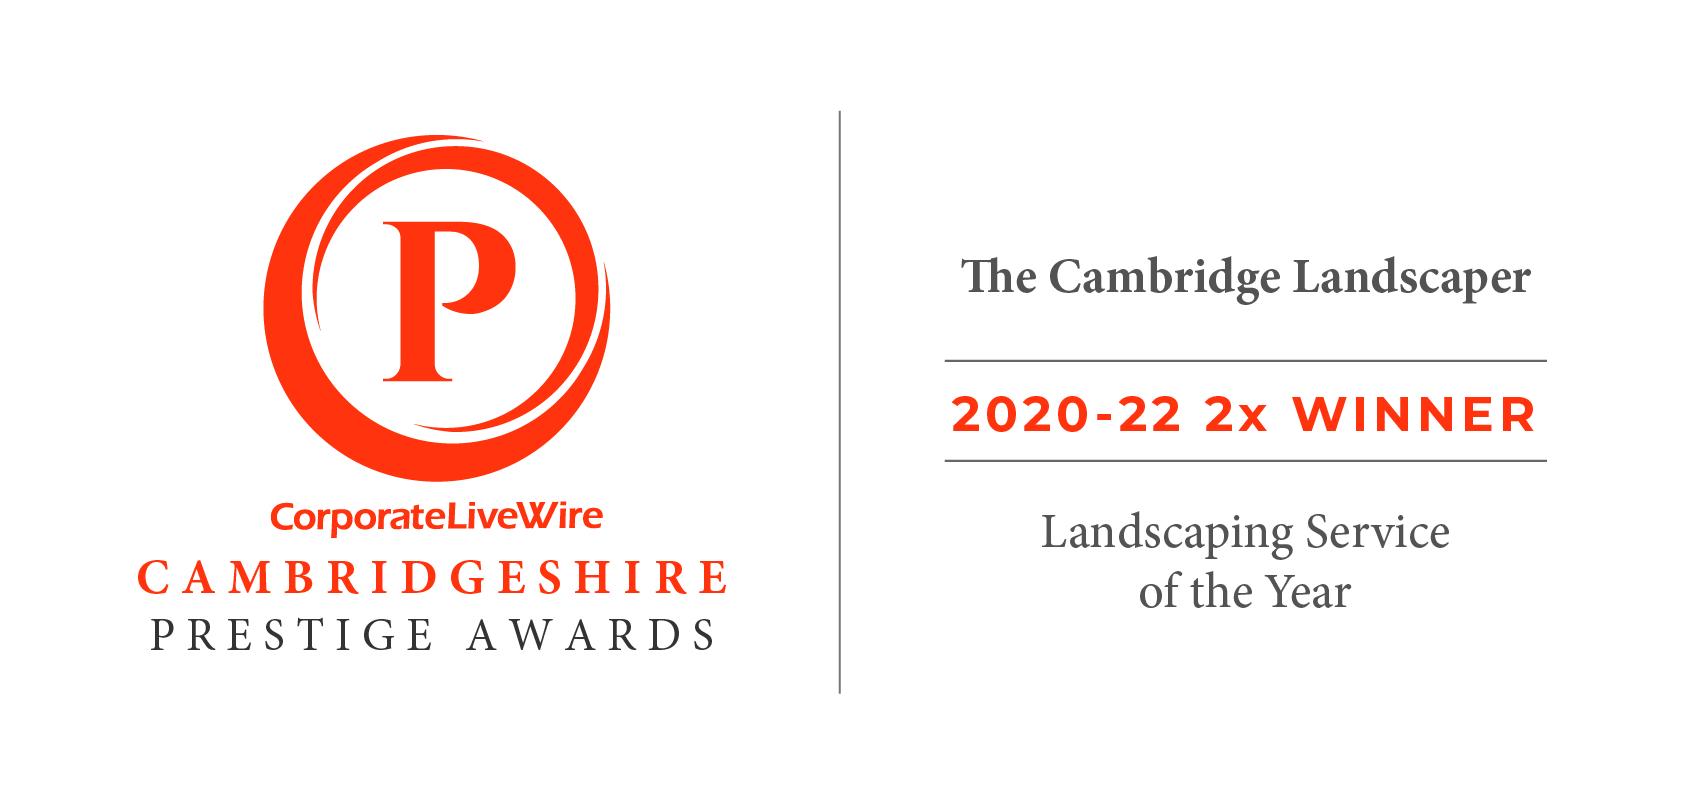 About The Cambridge Landscaper